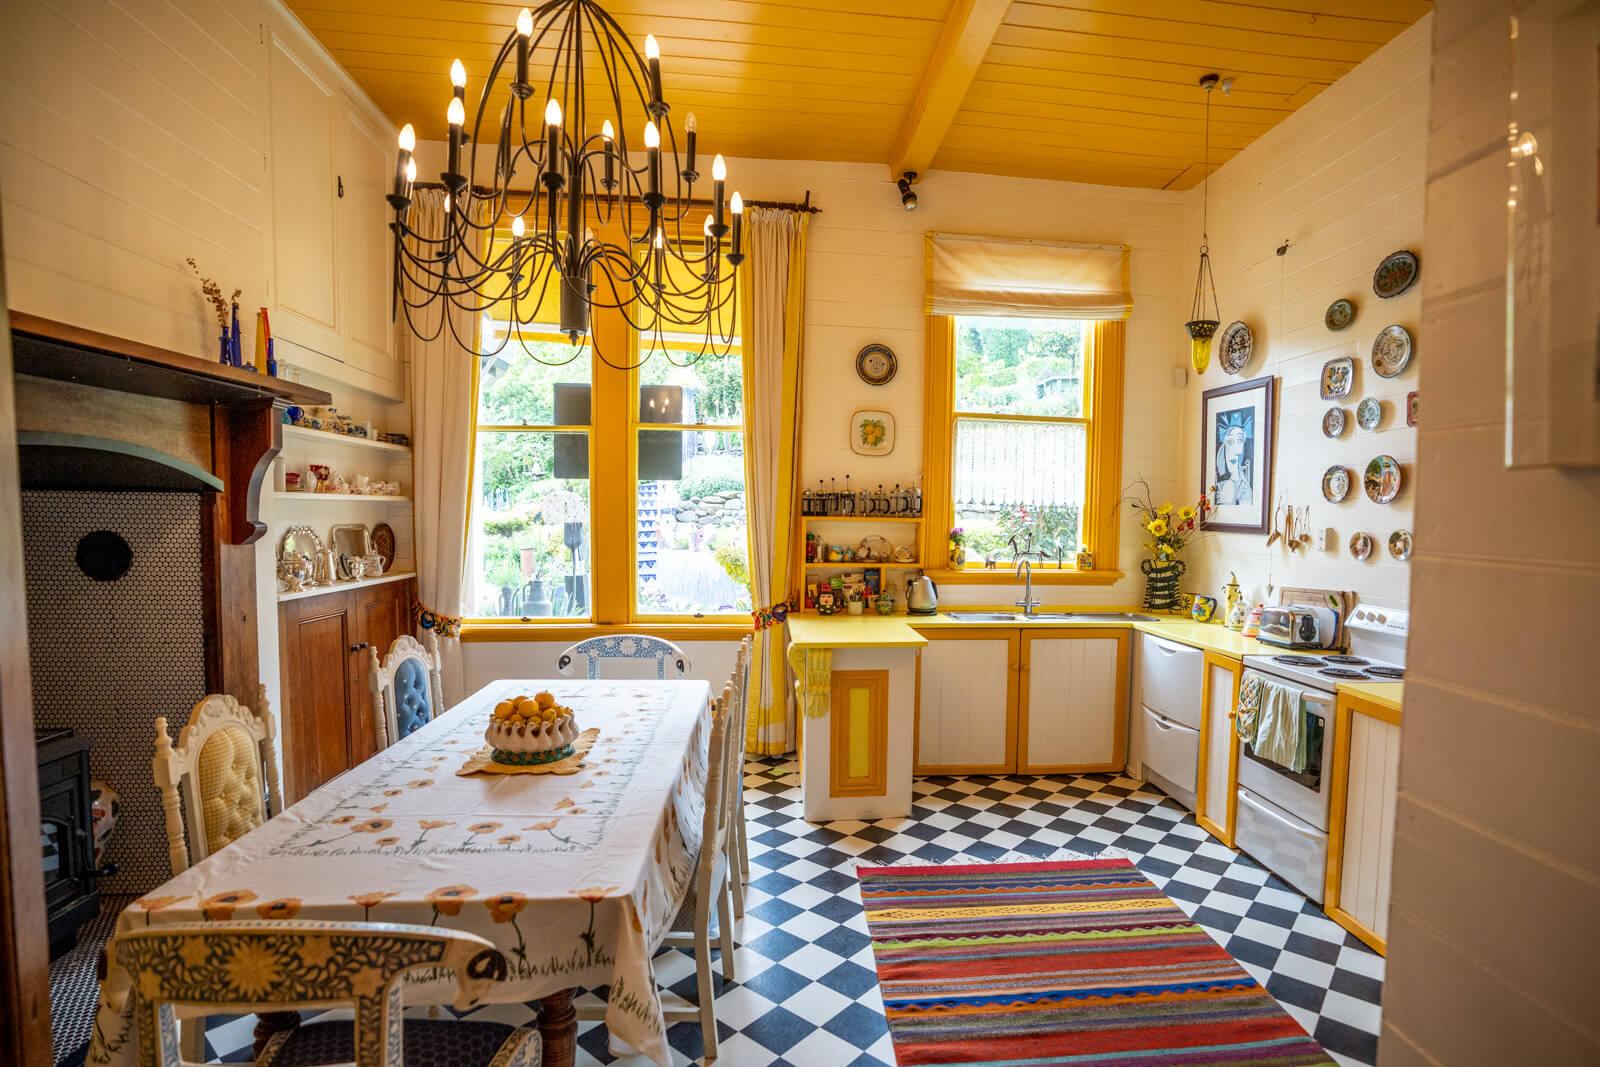 Giant's house akaroa kitchen